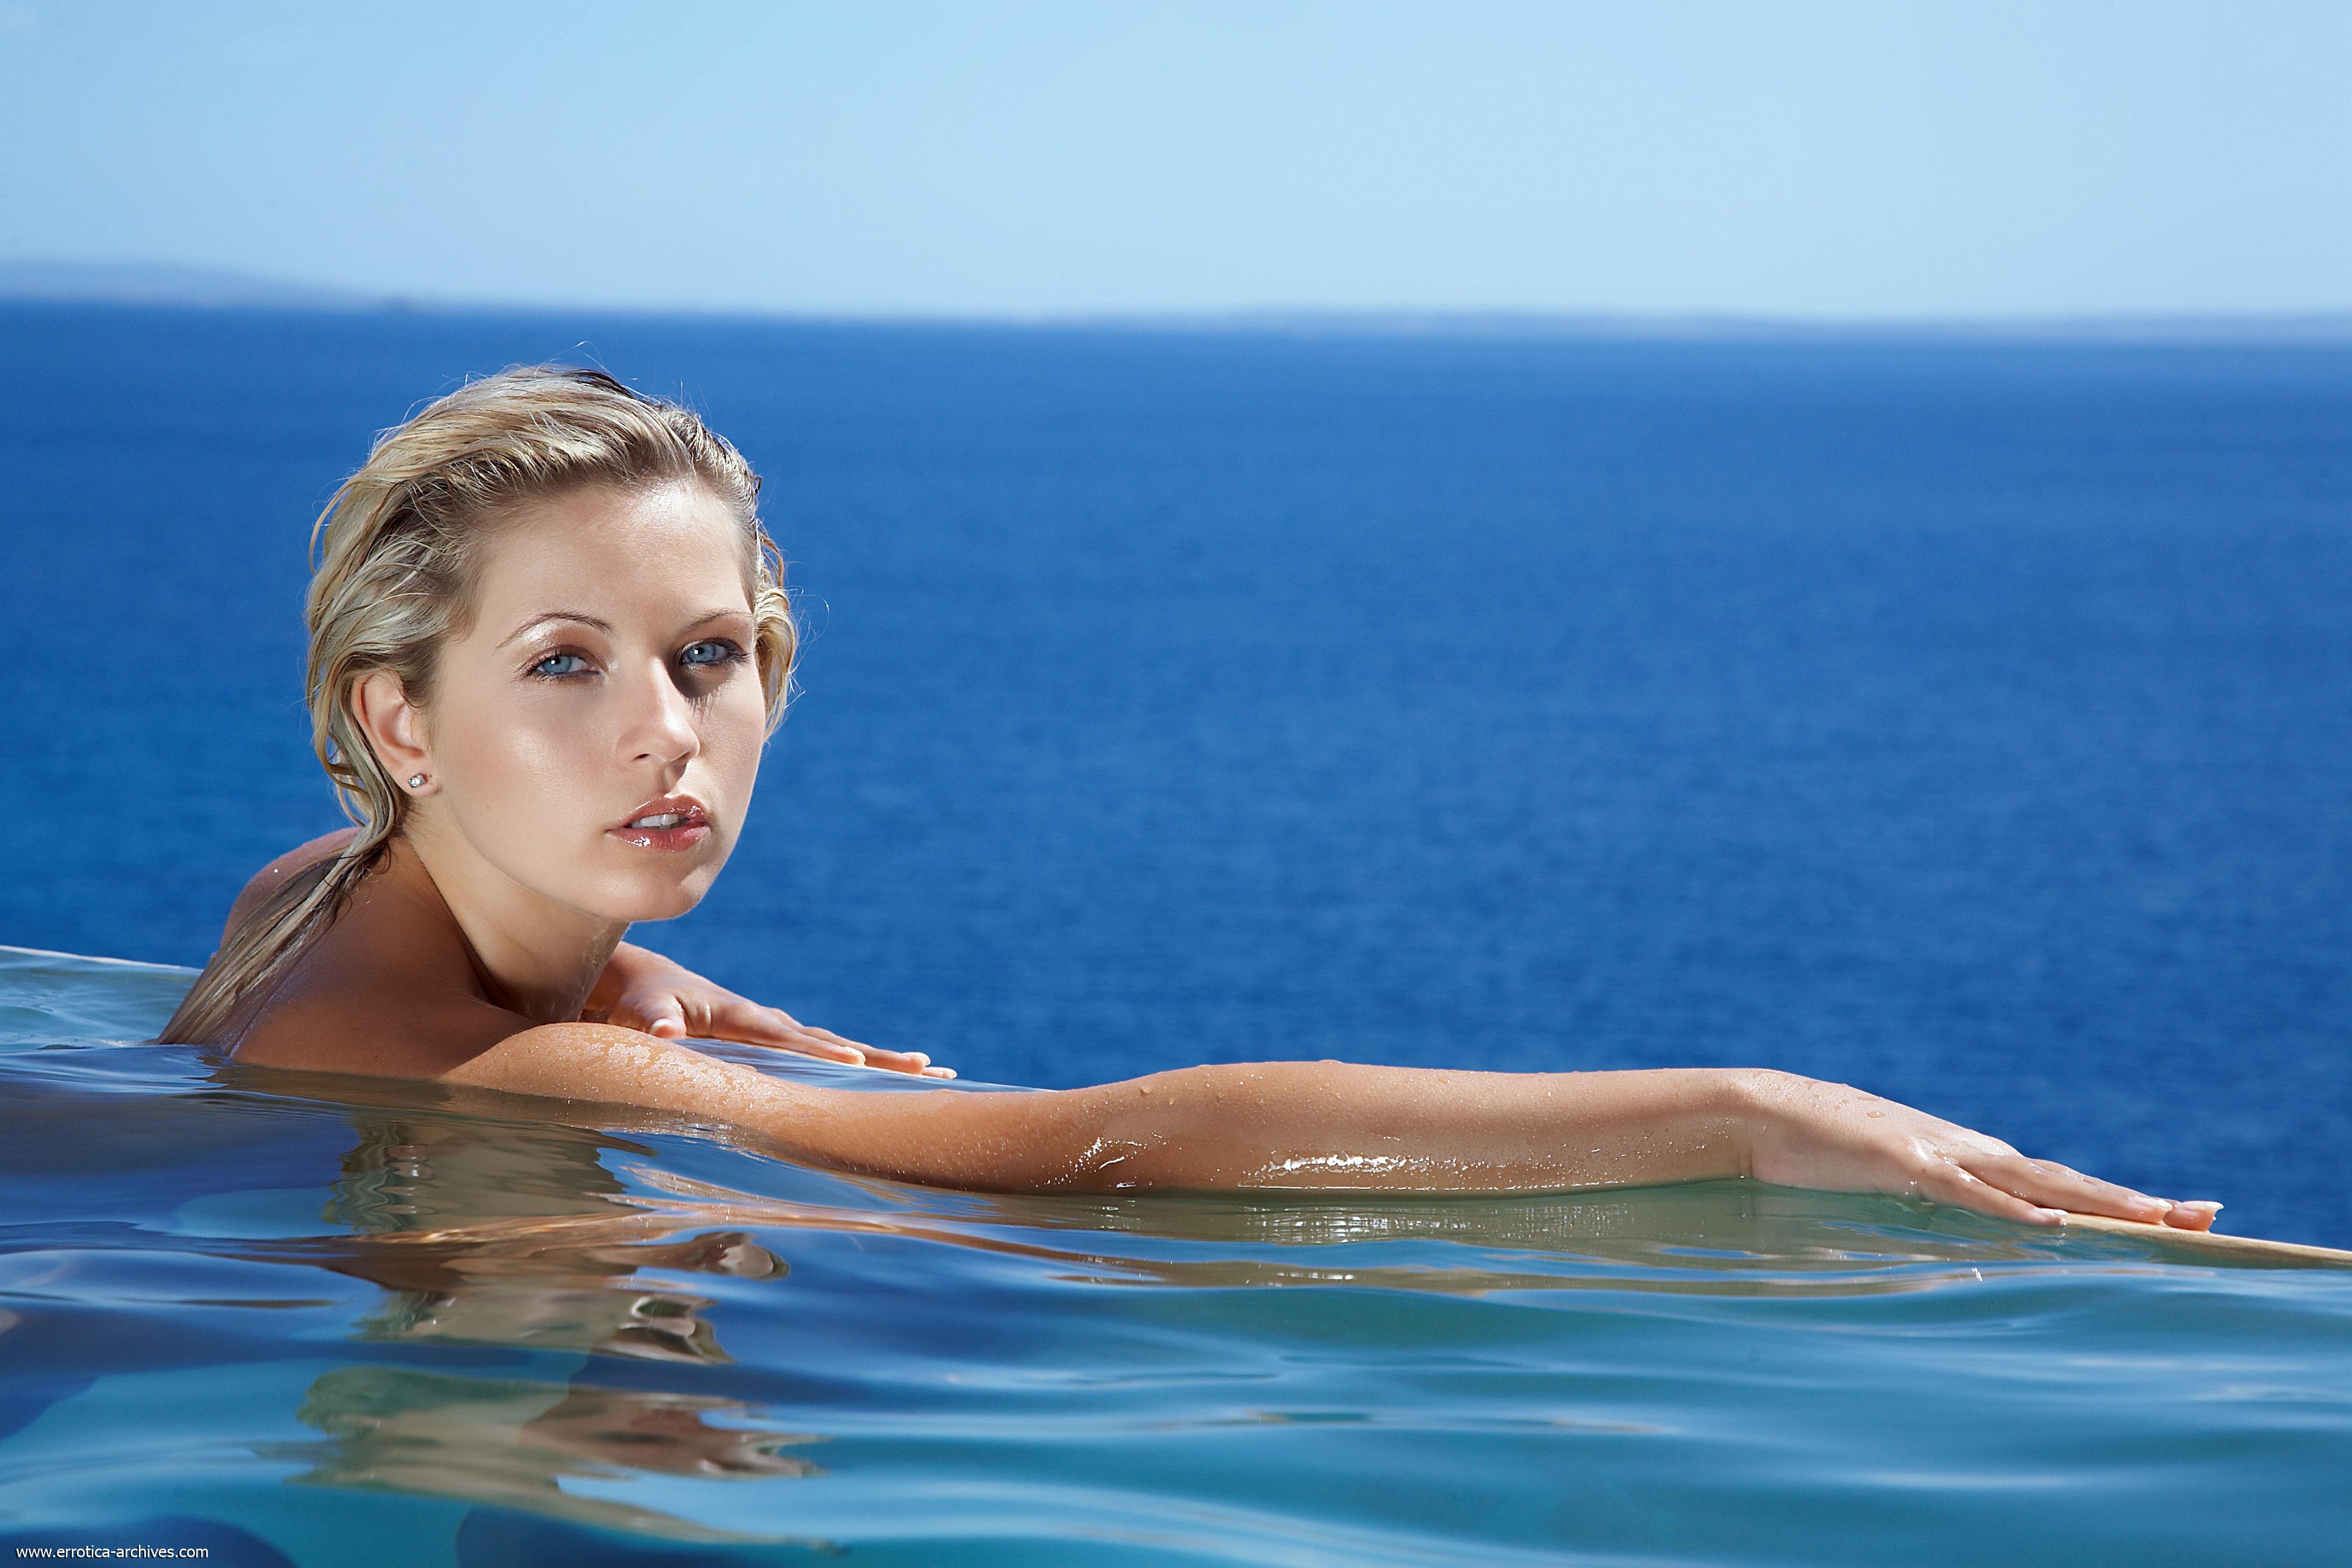 Ролики о курьезных случаях сдевушками в плавательном бассейне смотреть онлайн3333666555222 11 фотография